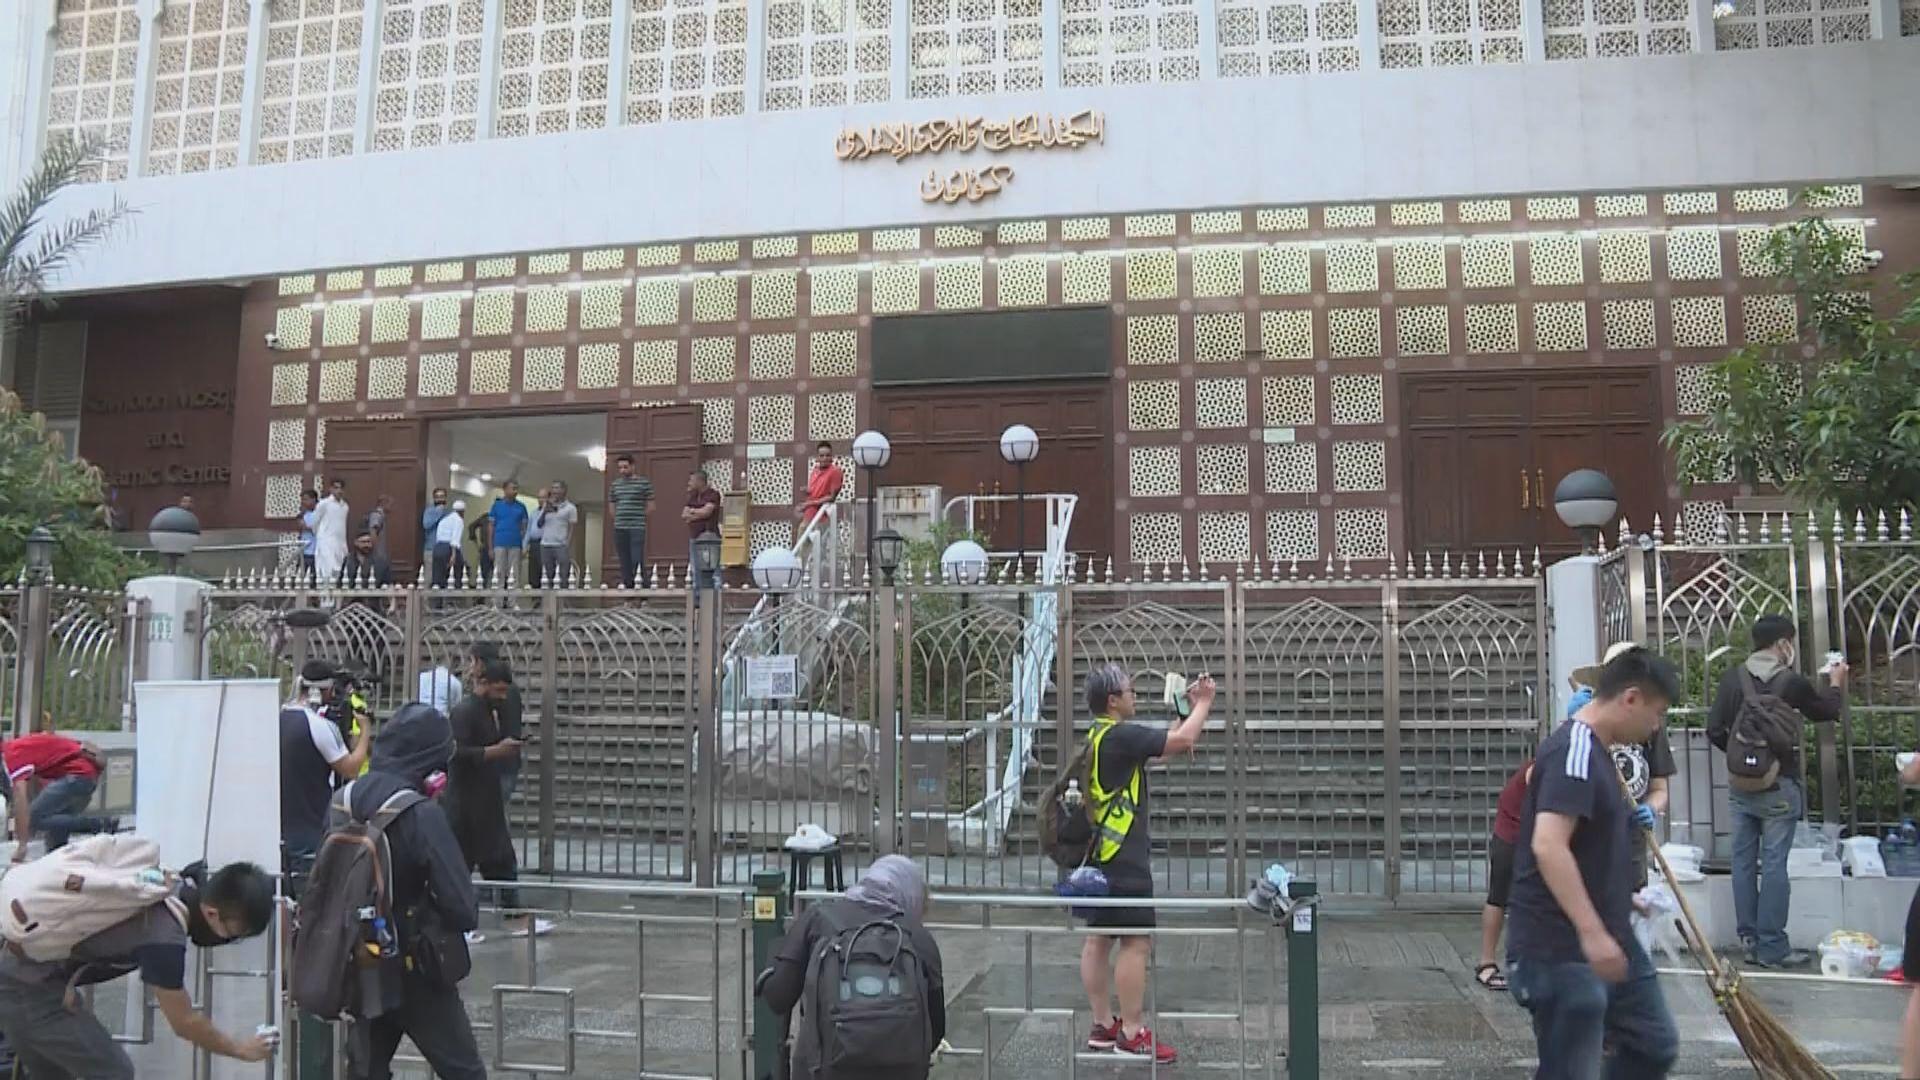 警方水炮車藍色水射中清真寺 市民自發清洗